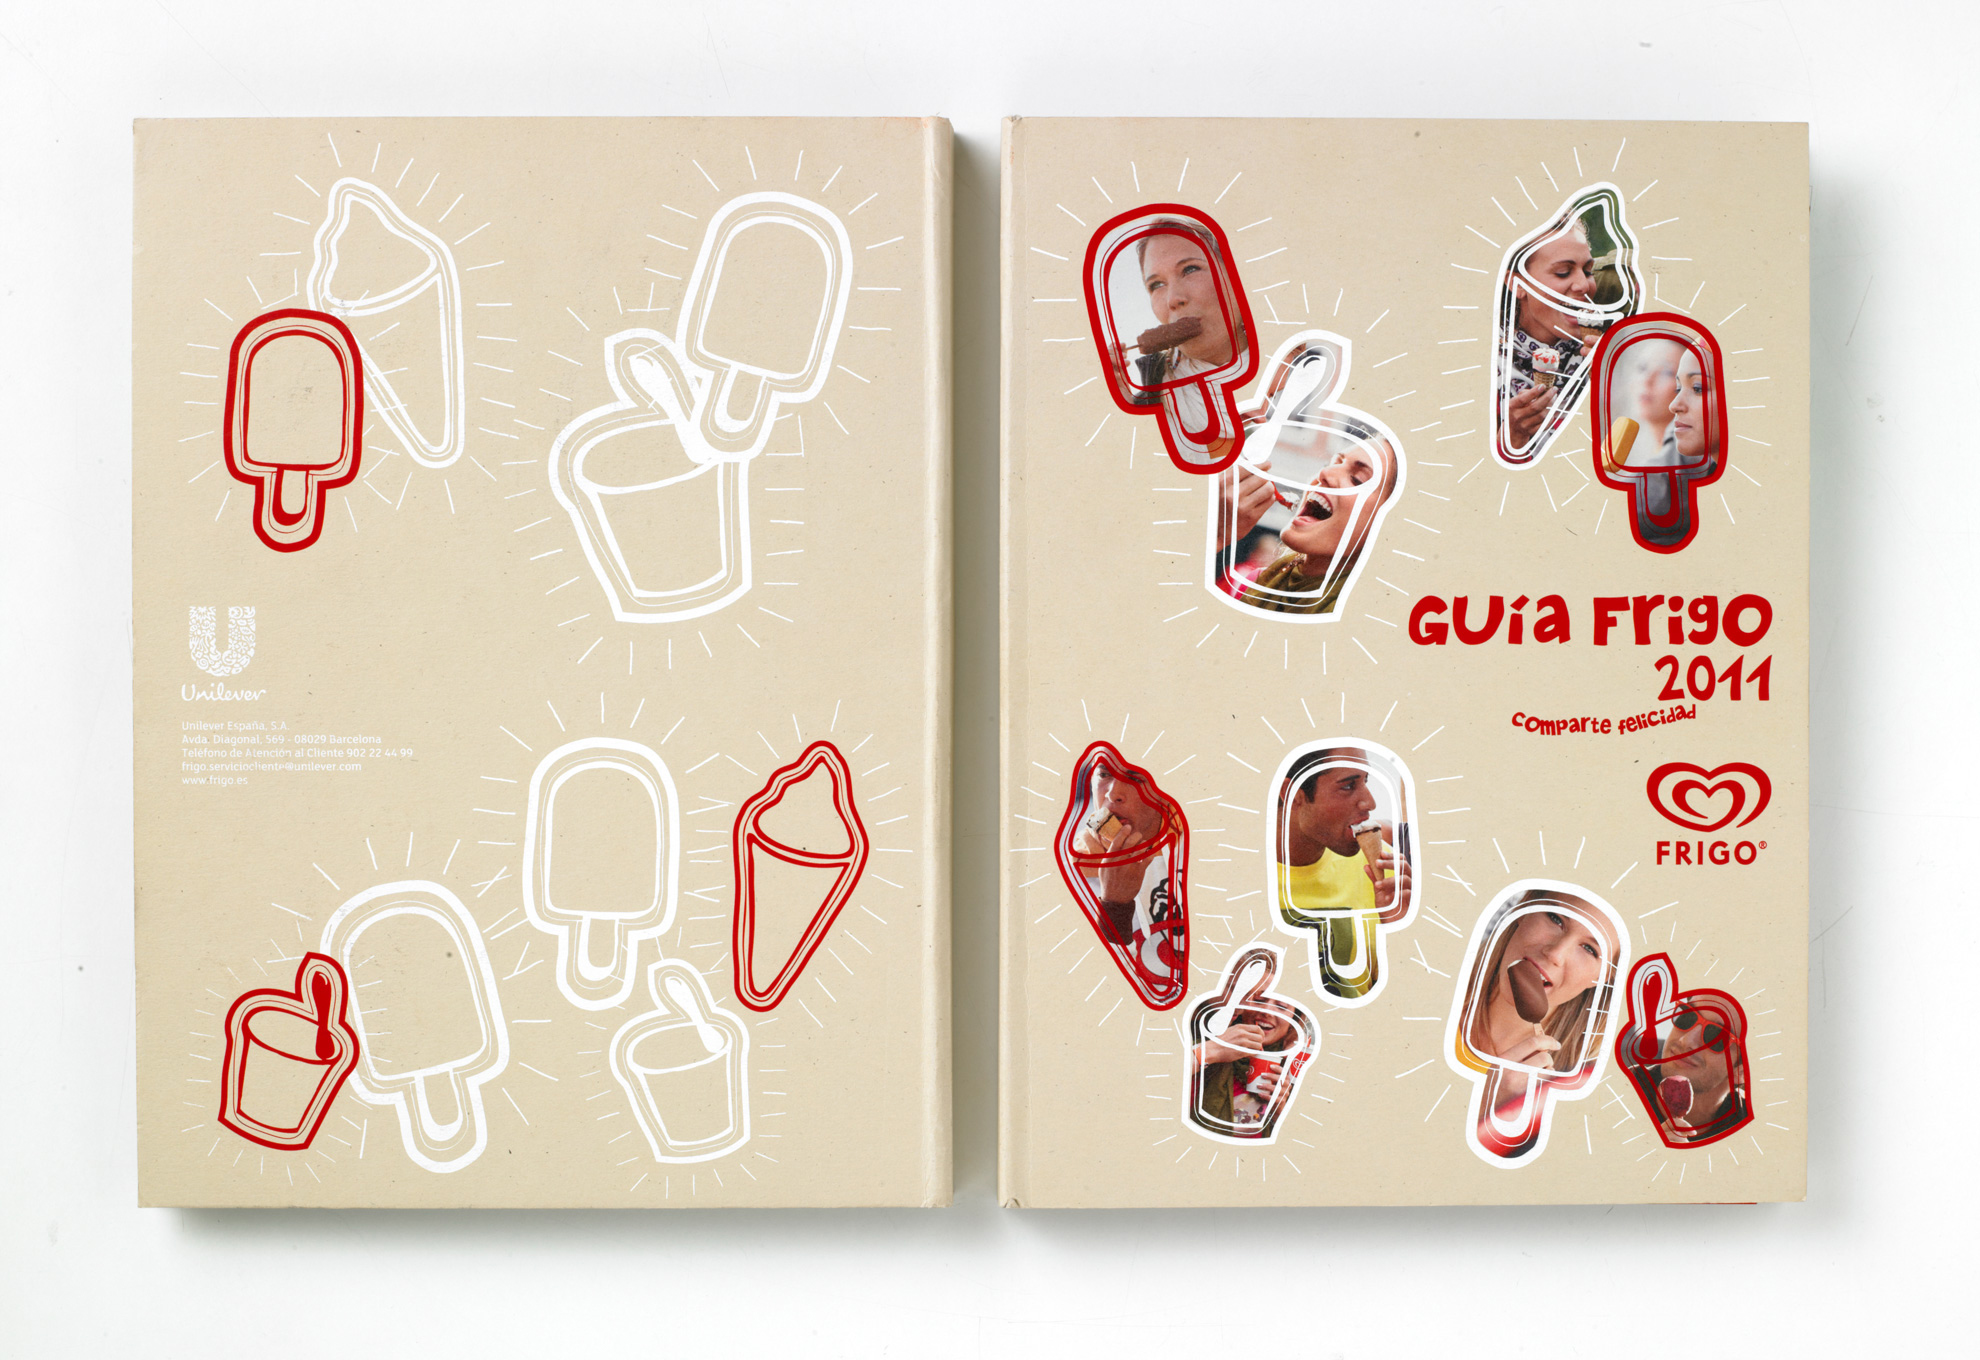 frigo-cuaderno-campaña-02-2011